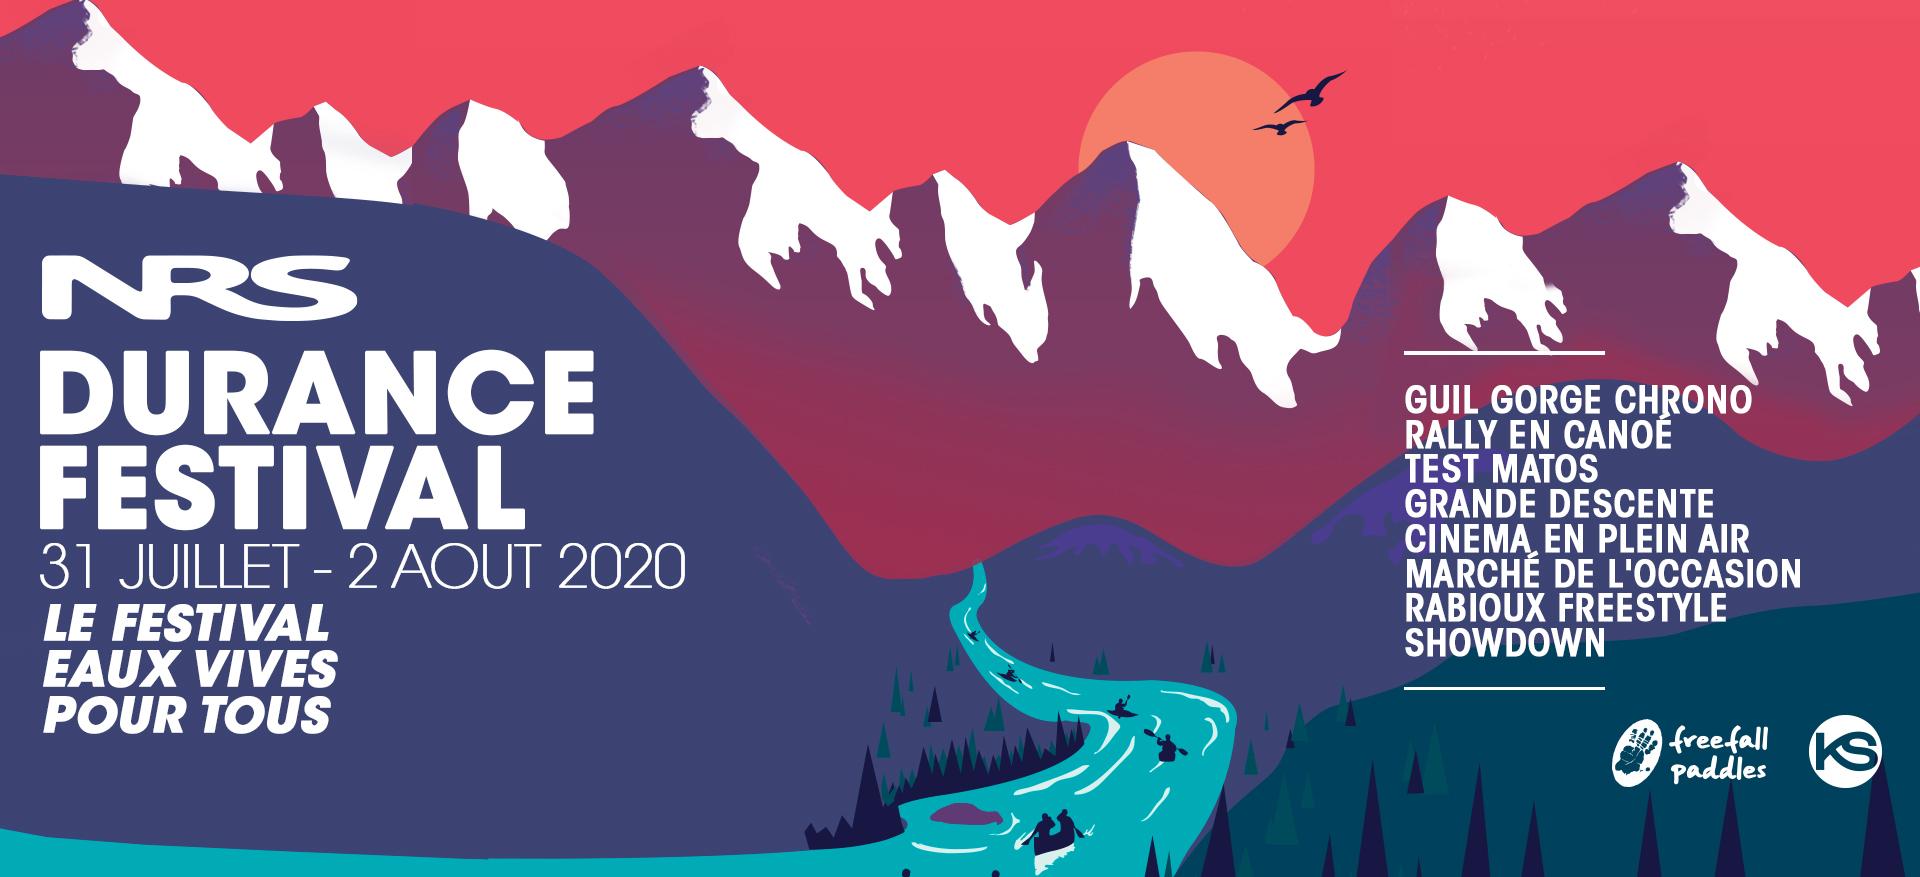 Le Durance Festival 2020, est un festival destiné aux sports d'eaux vives et de pagaies dont le but est de rassembler les amoureux de la culture rivière, kayak, canoé, raft.